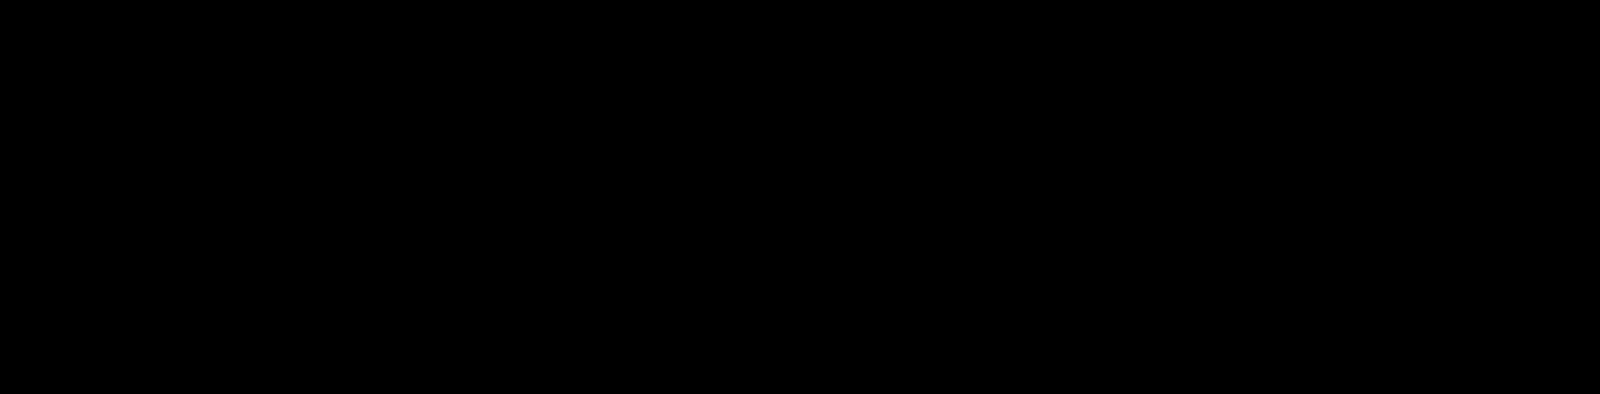 GOVAJU